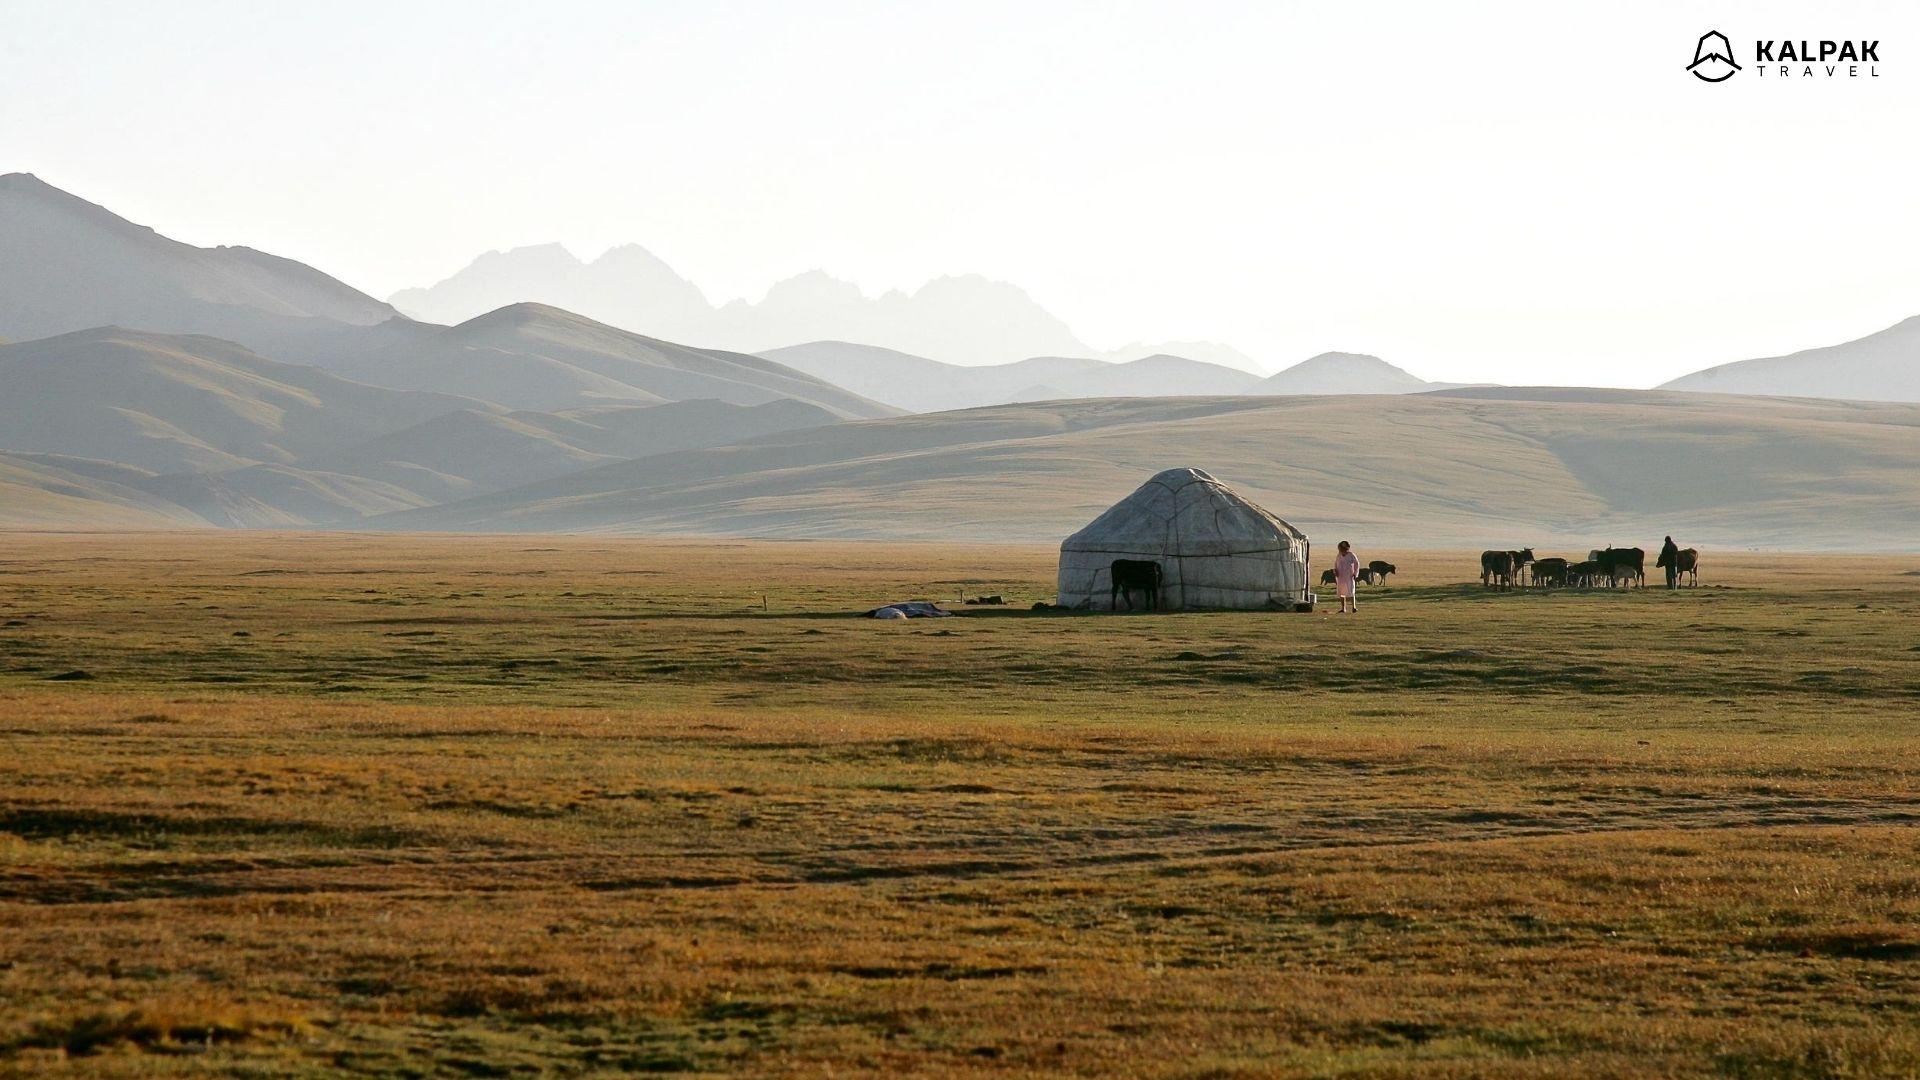 Zentralasien Sehenswürdigkeiten in Kirgisistan ist Song Kul